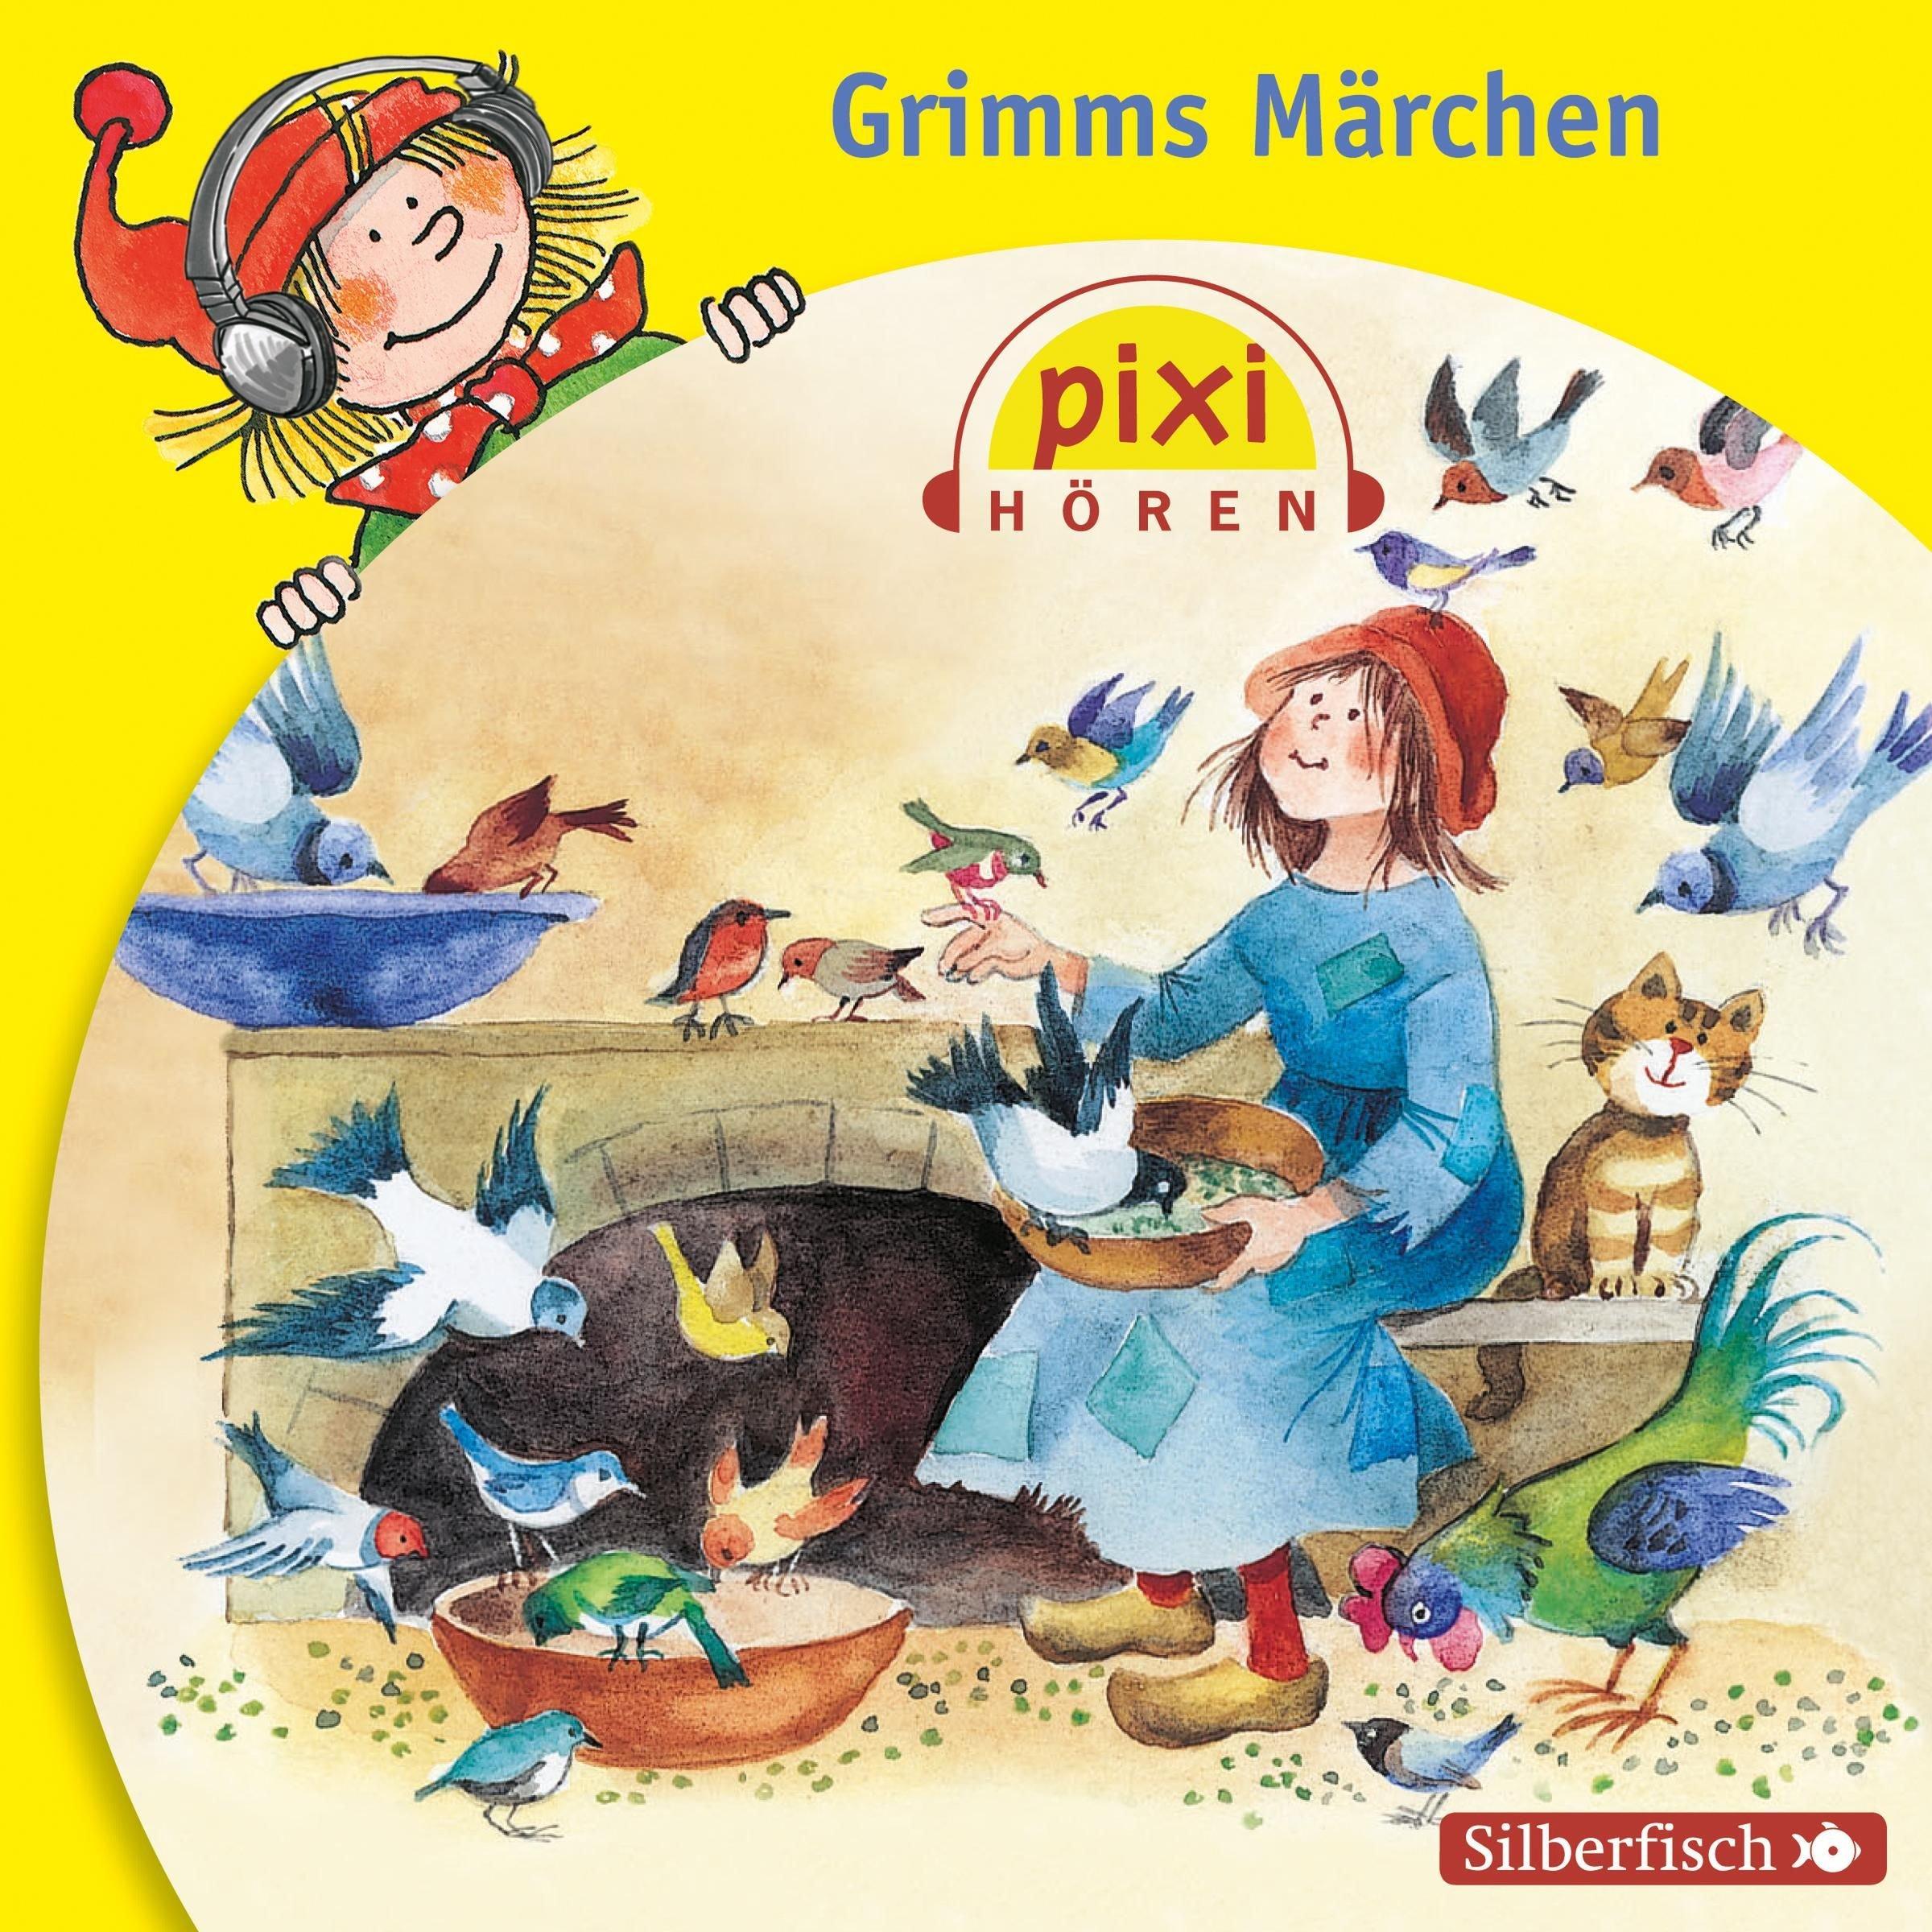 Grimms Märchen: 1 CD (Pixi Hören)